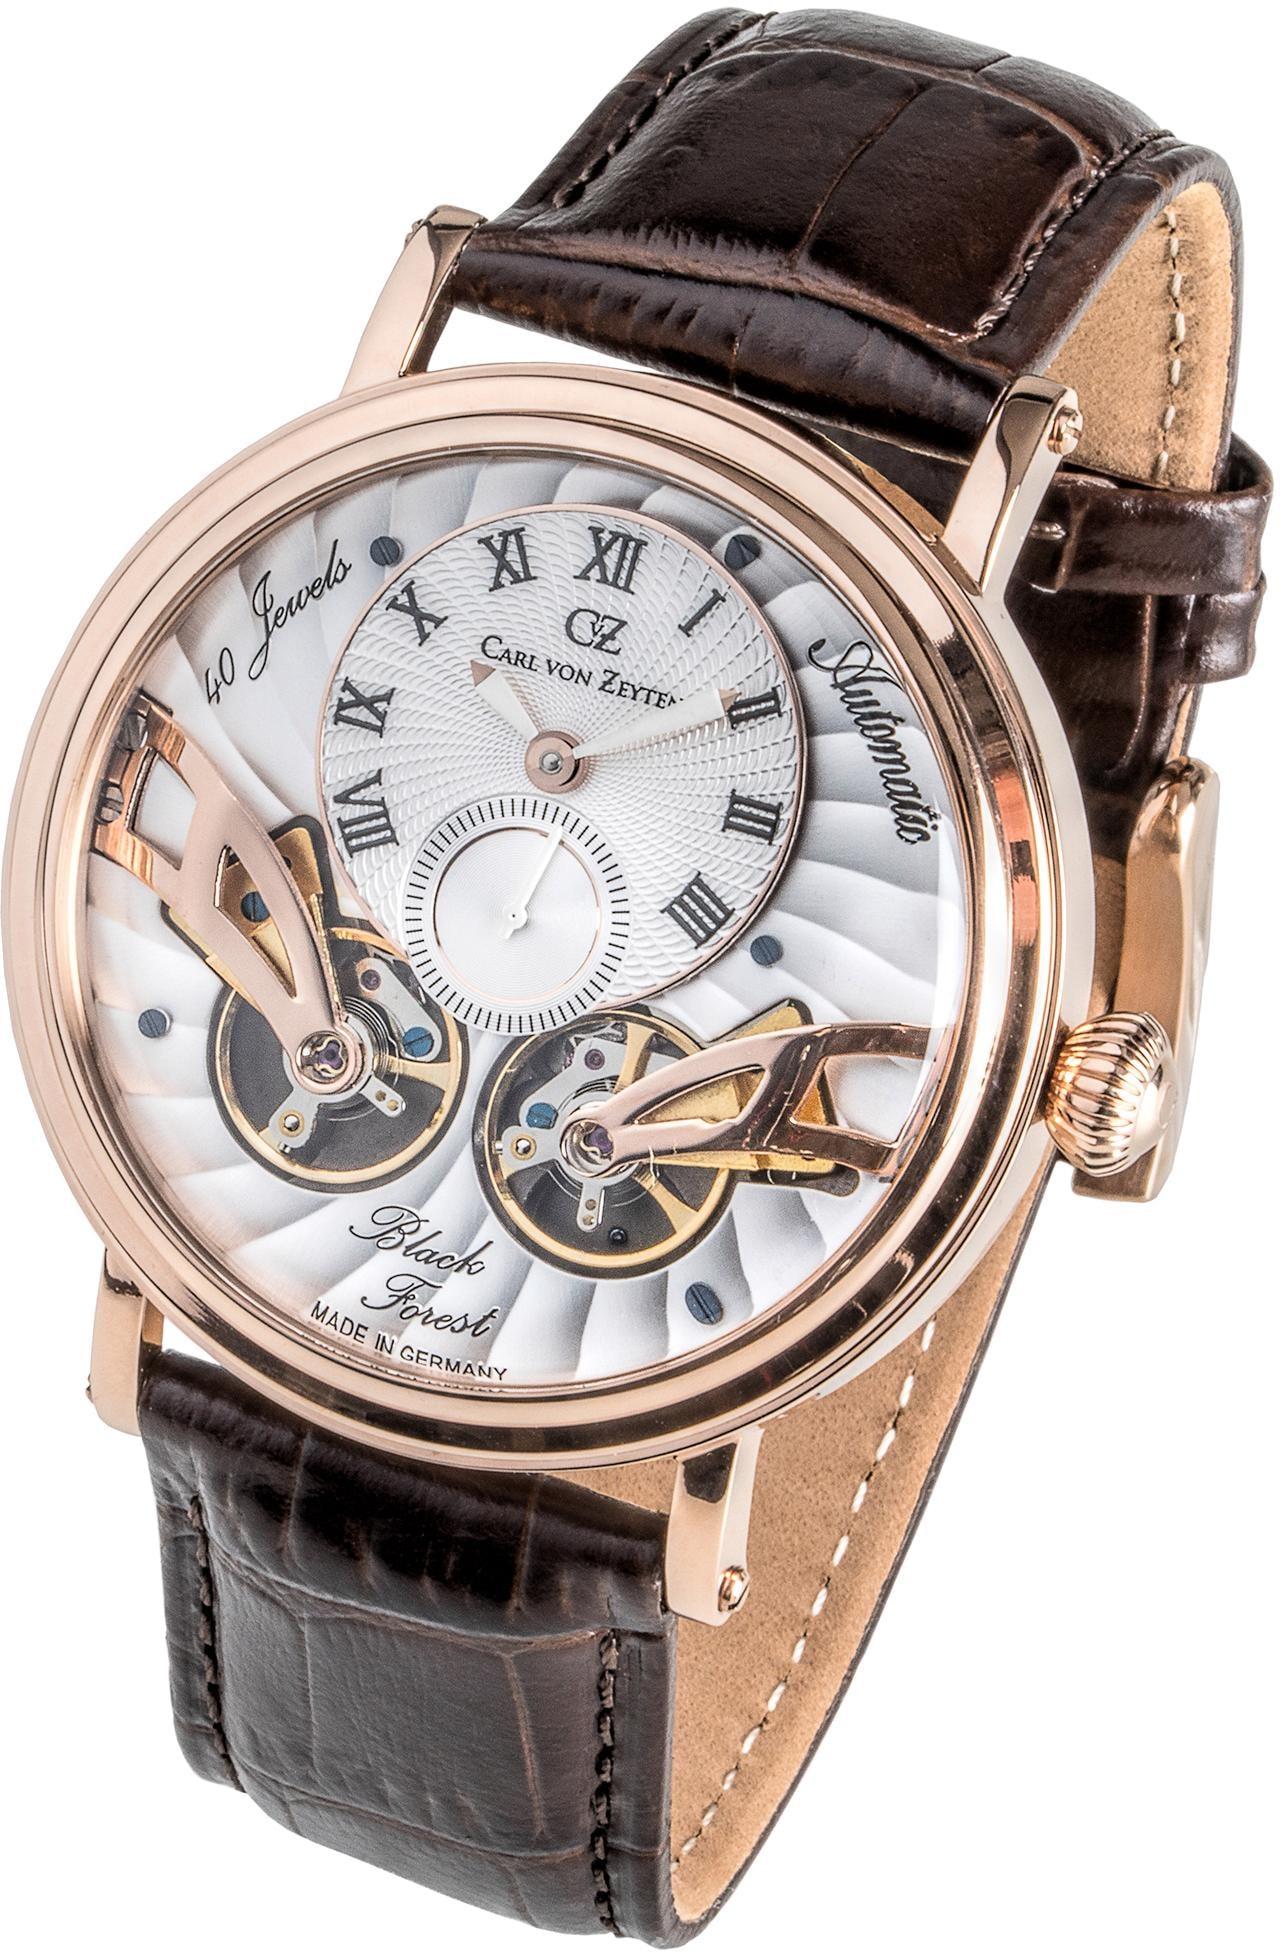 Carl von Zeyten Automatikuhr Black Forest CVZ0017RWH | Uhren > Automatikuhren | Braun | Carl Von Zeyten